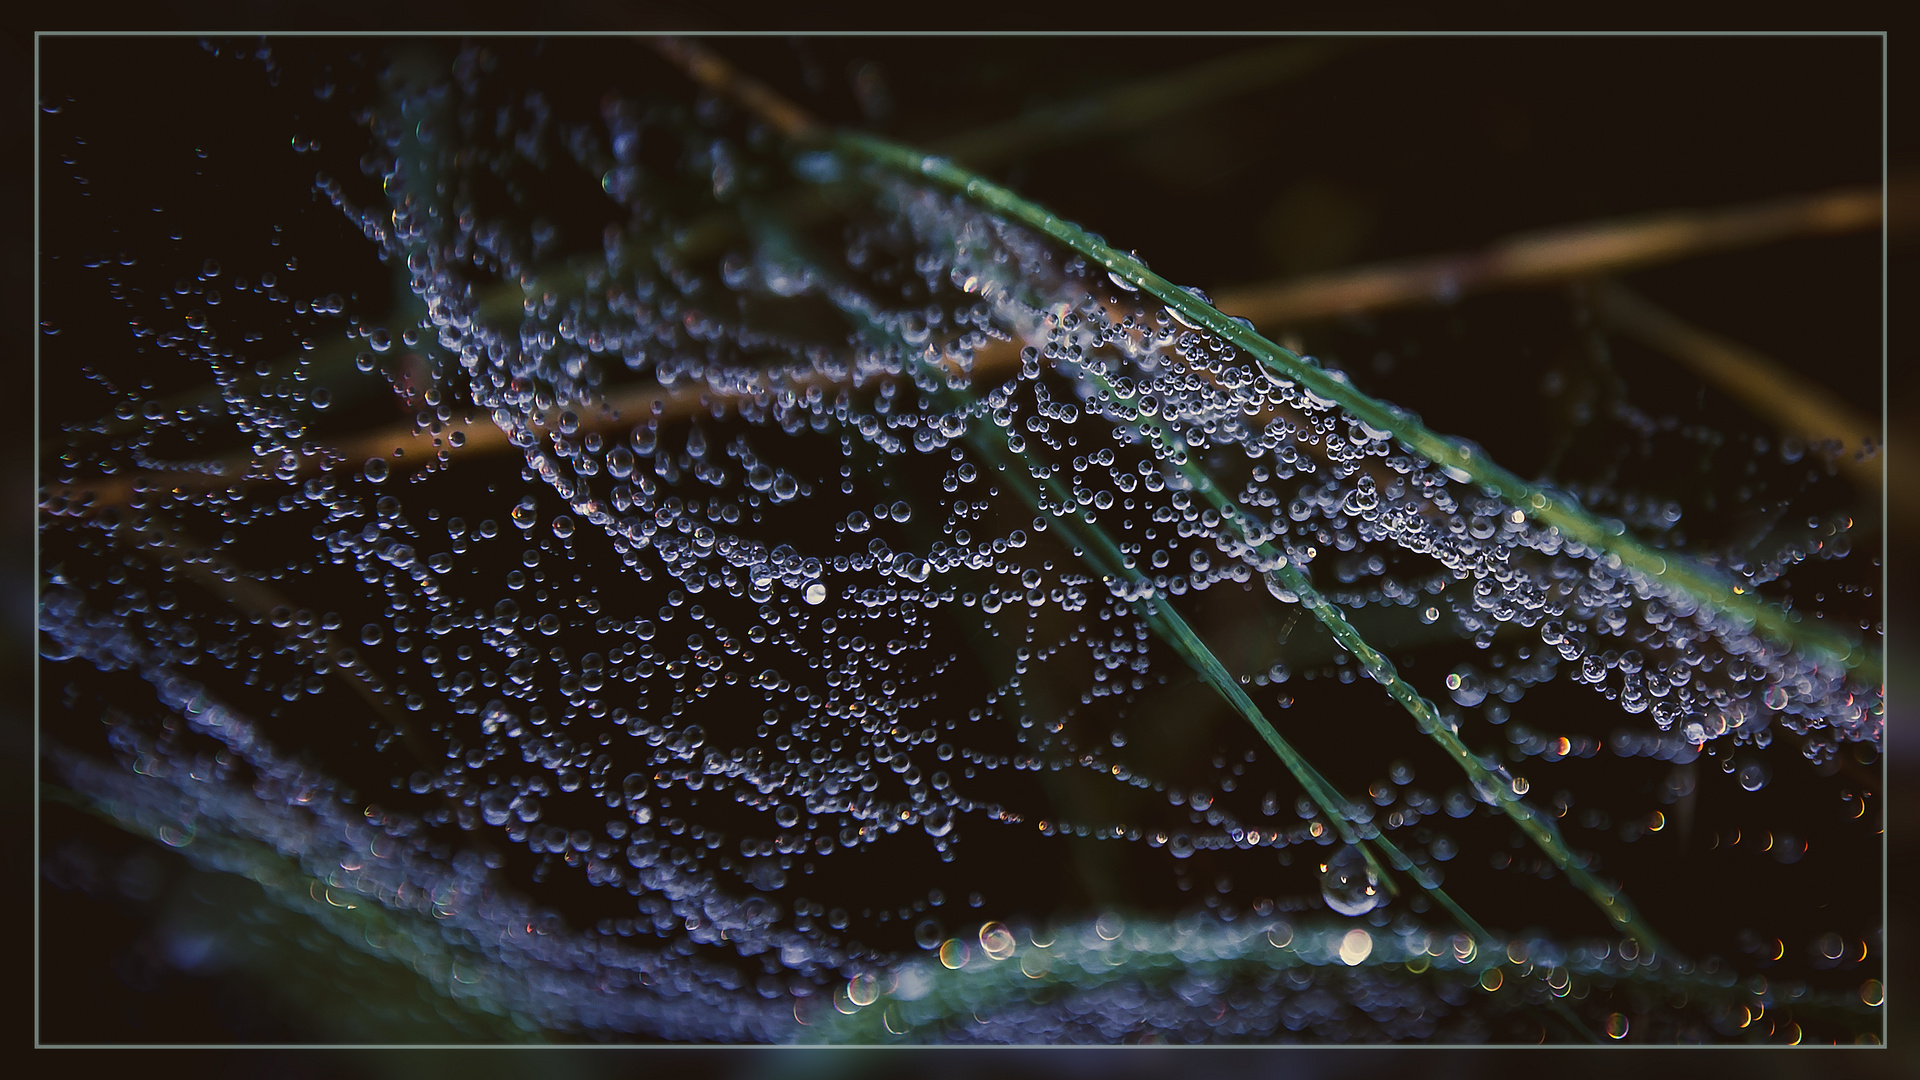 tau im spinnennetz